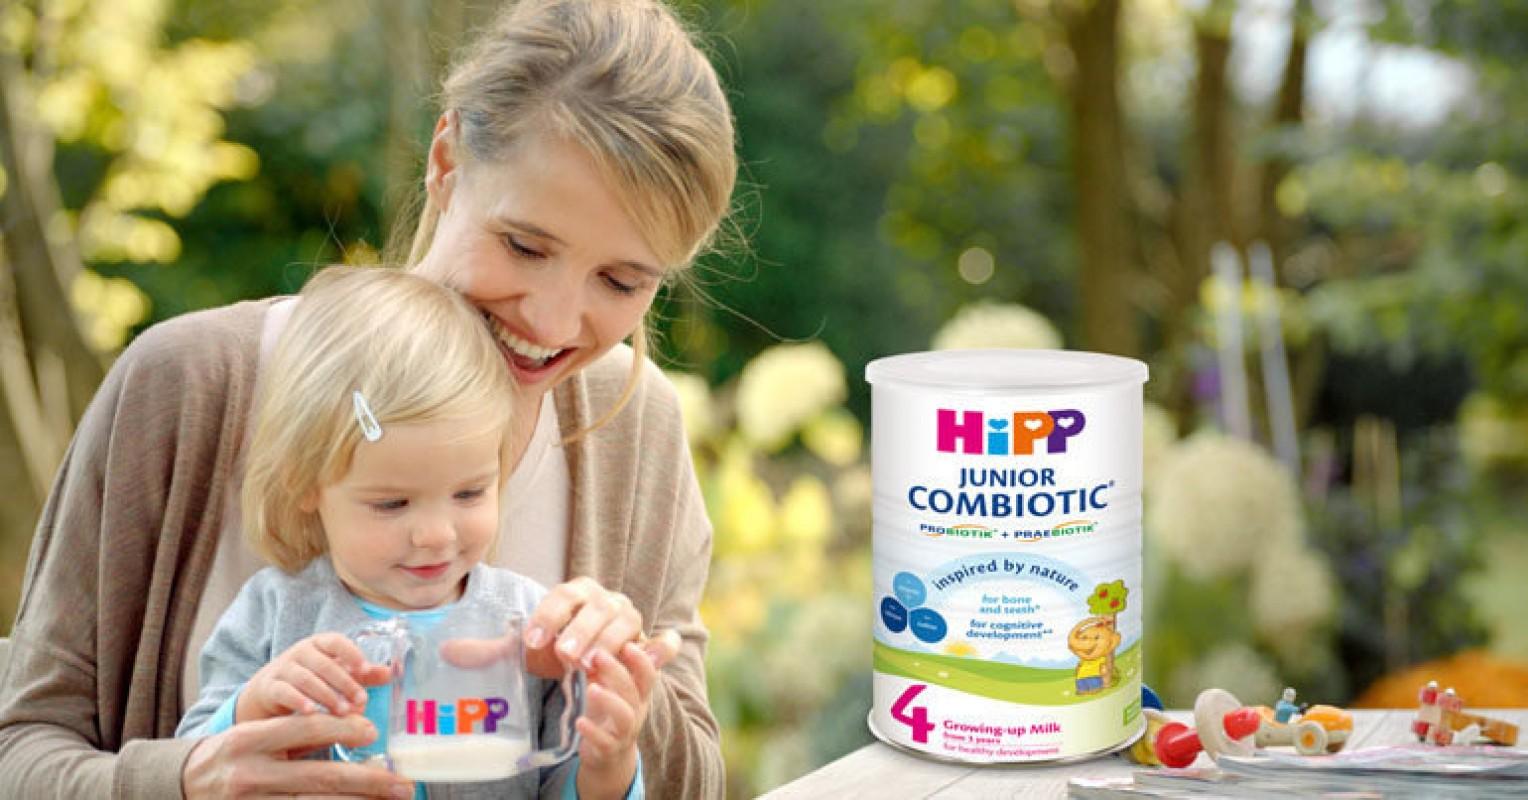 Review Sữa HiPP Có Tốt Không? Có Nên Chọn Sữa HiPP Cho Bé Không?